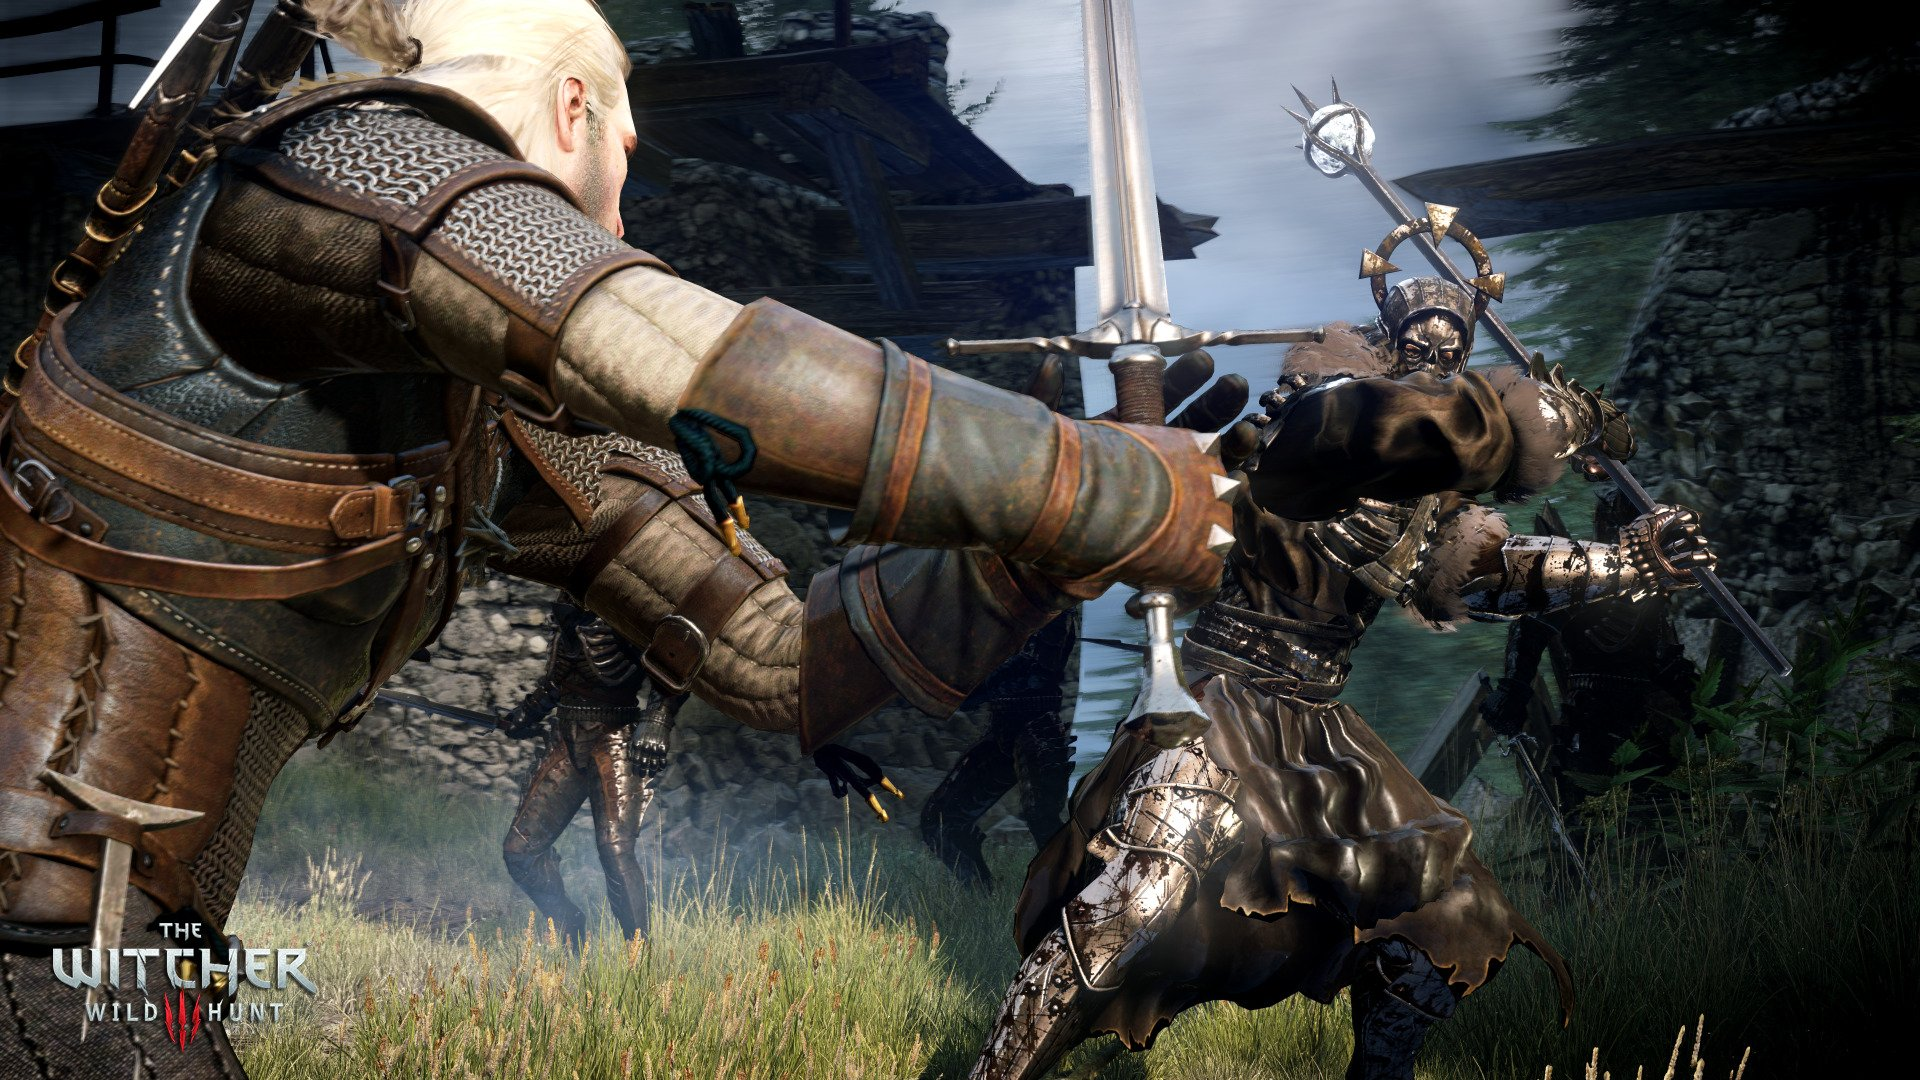 ¡The Witcher 3: Wild Hunt cada vez más cerca!